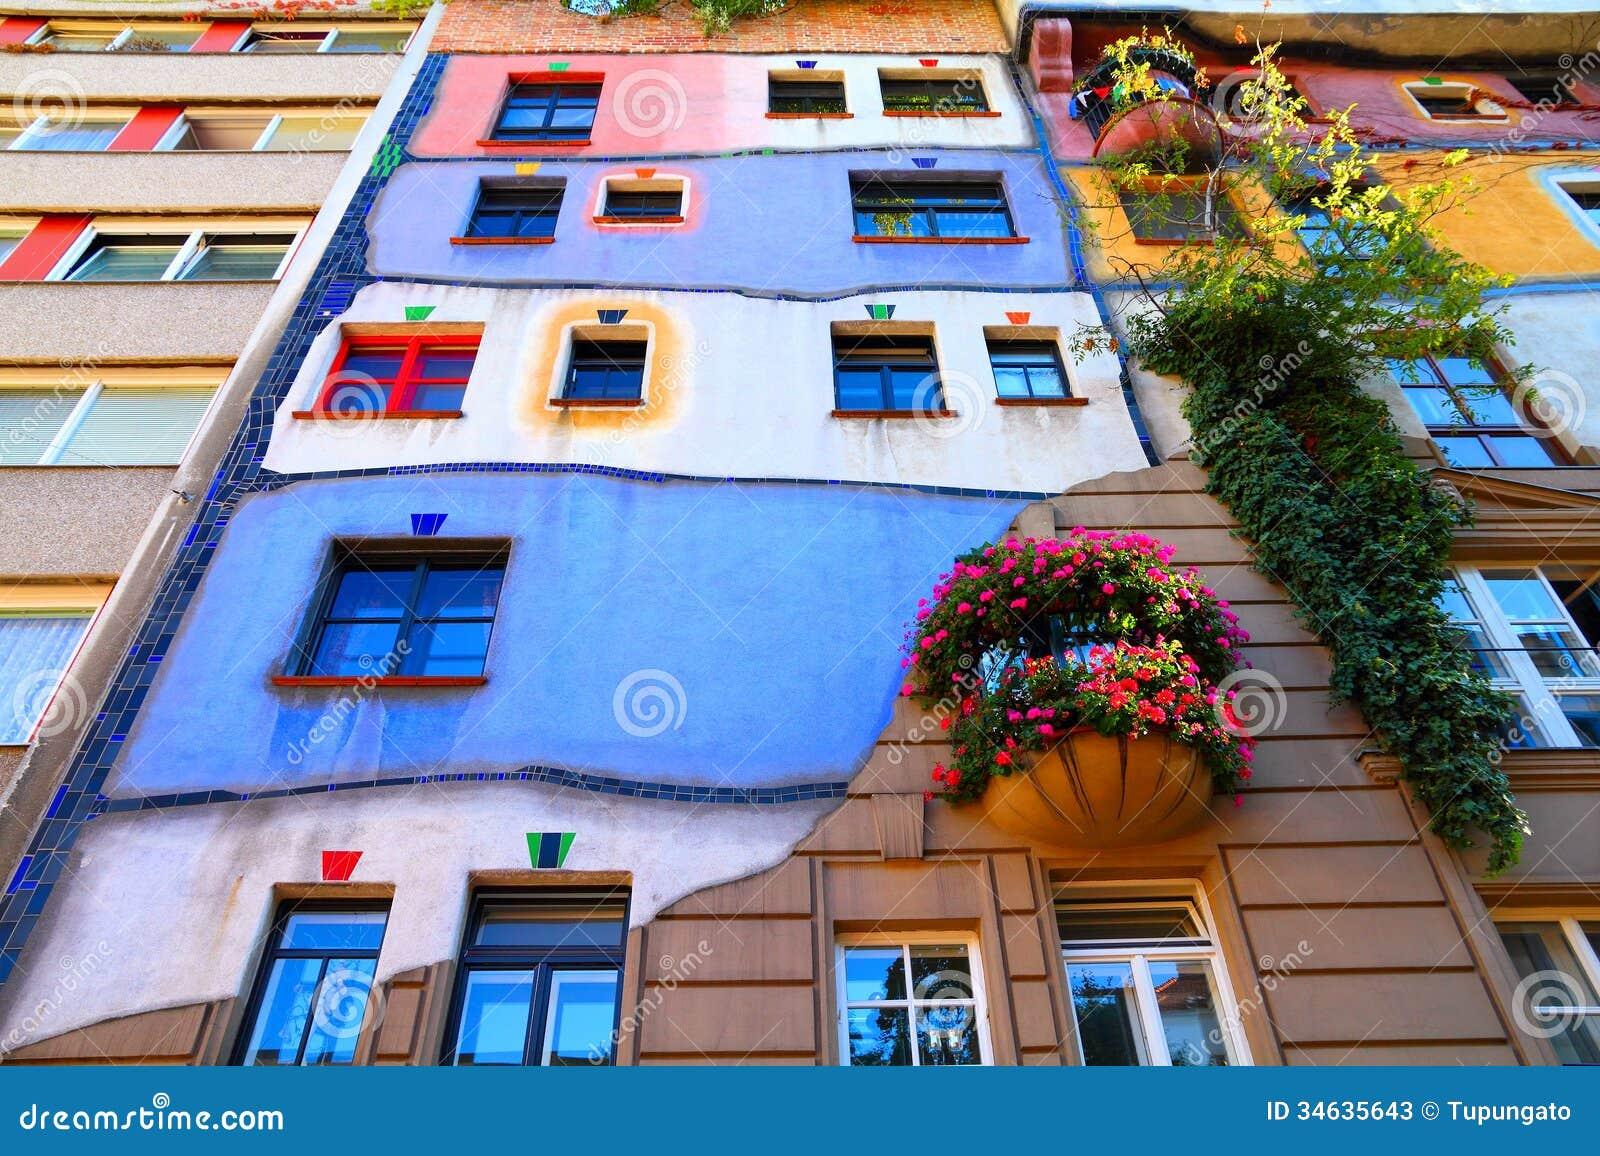 Het ori ntatiepunt van wenen redactionele stock foto beeld 34635643 - Expressionistische architectuur ...